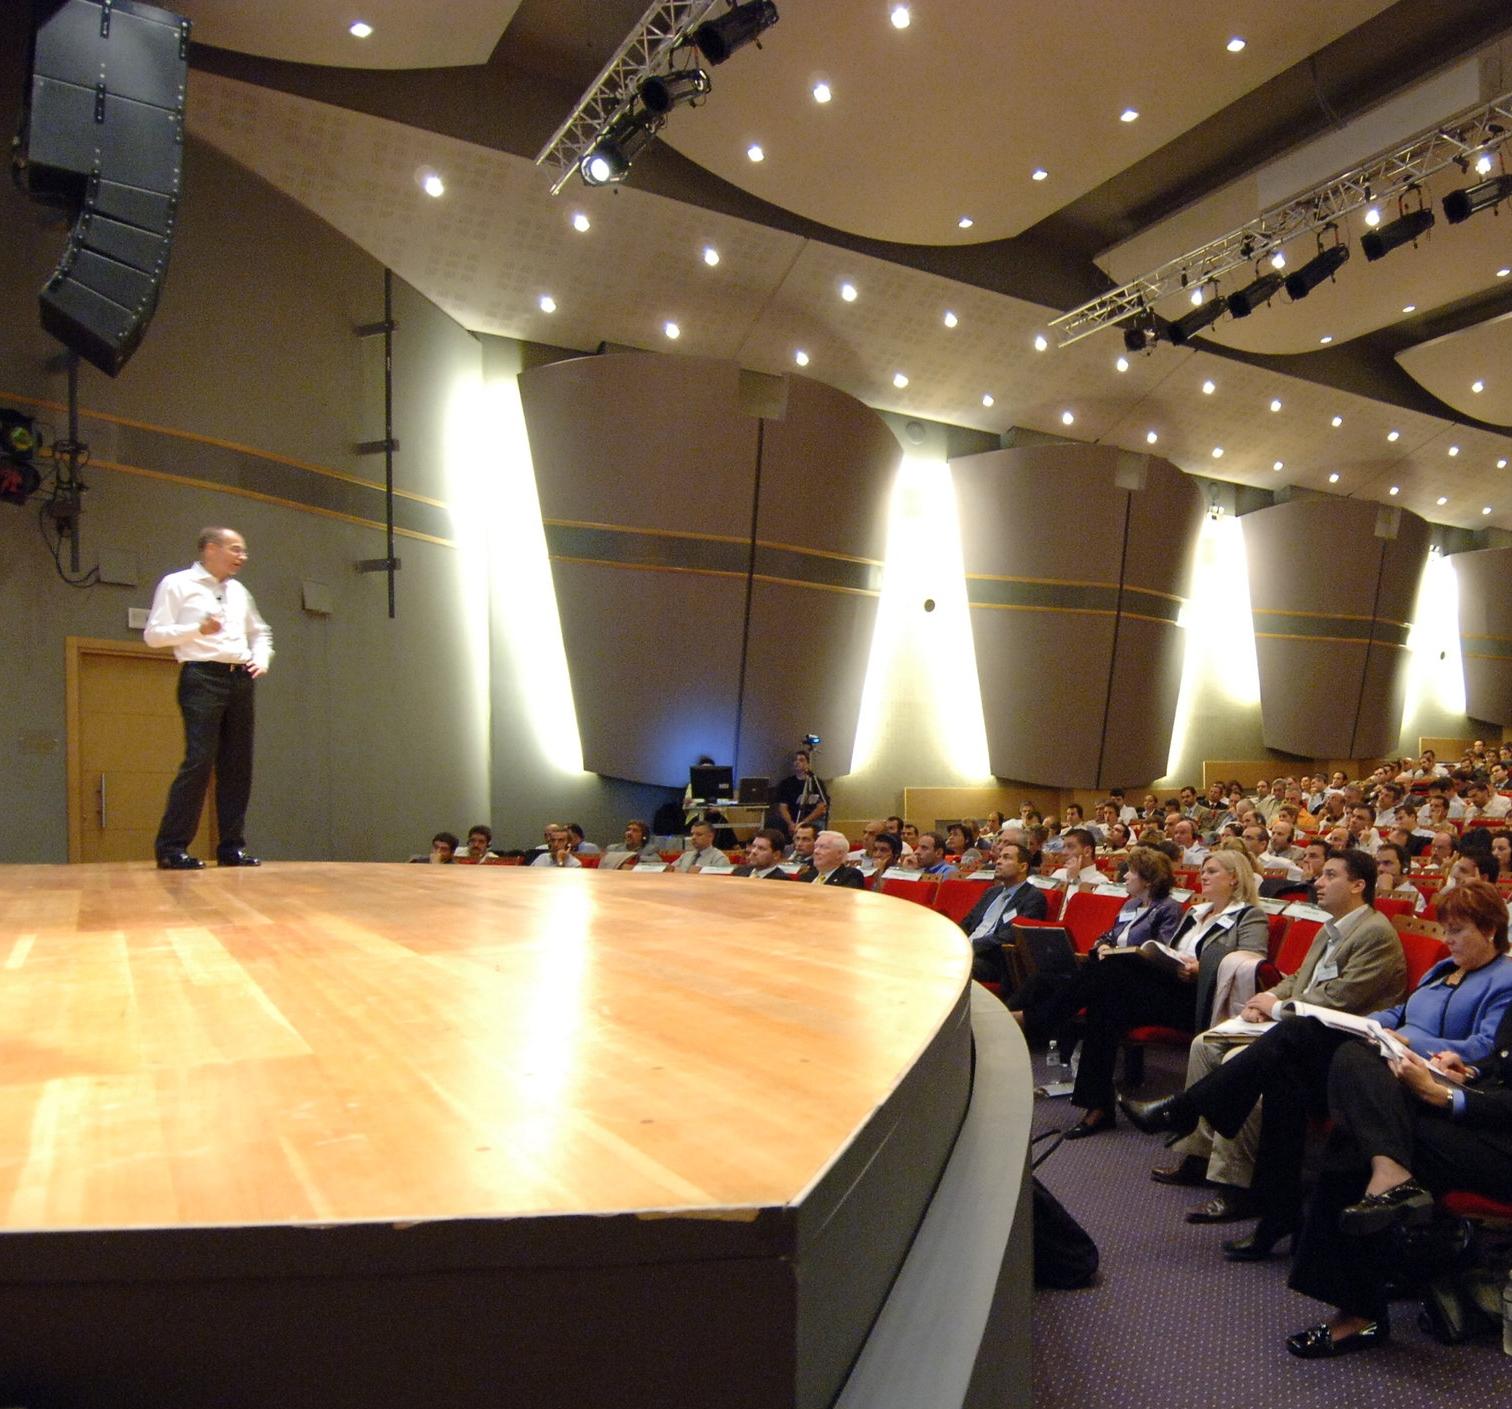 Kaj_speaking-on stage.JPG